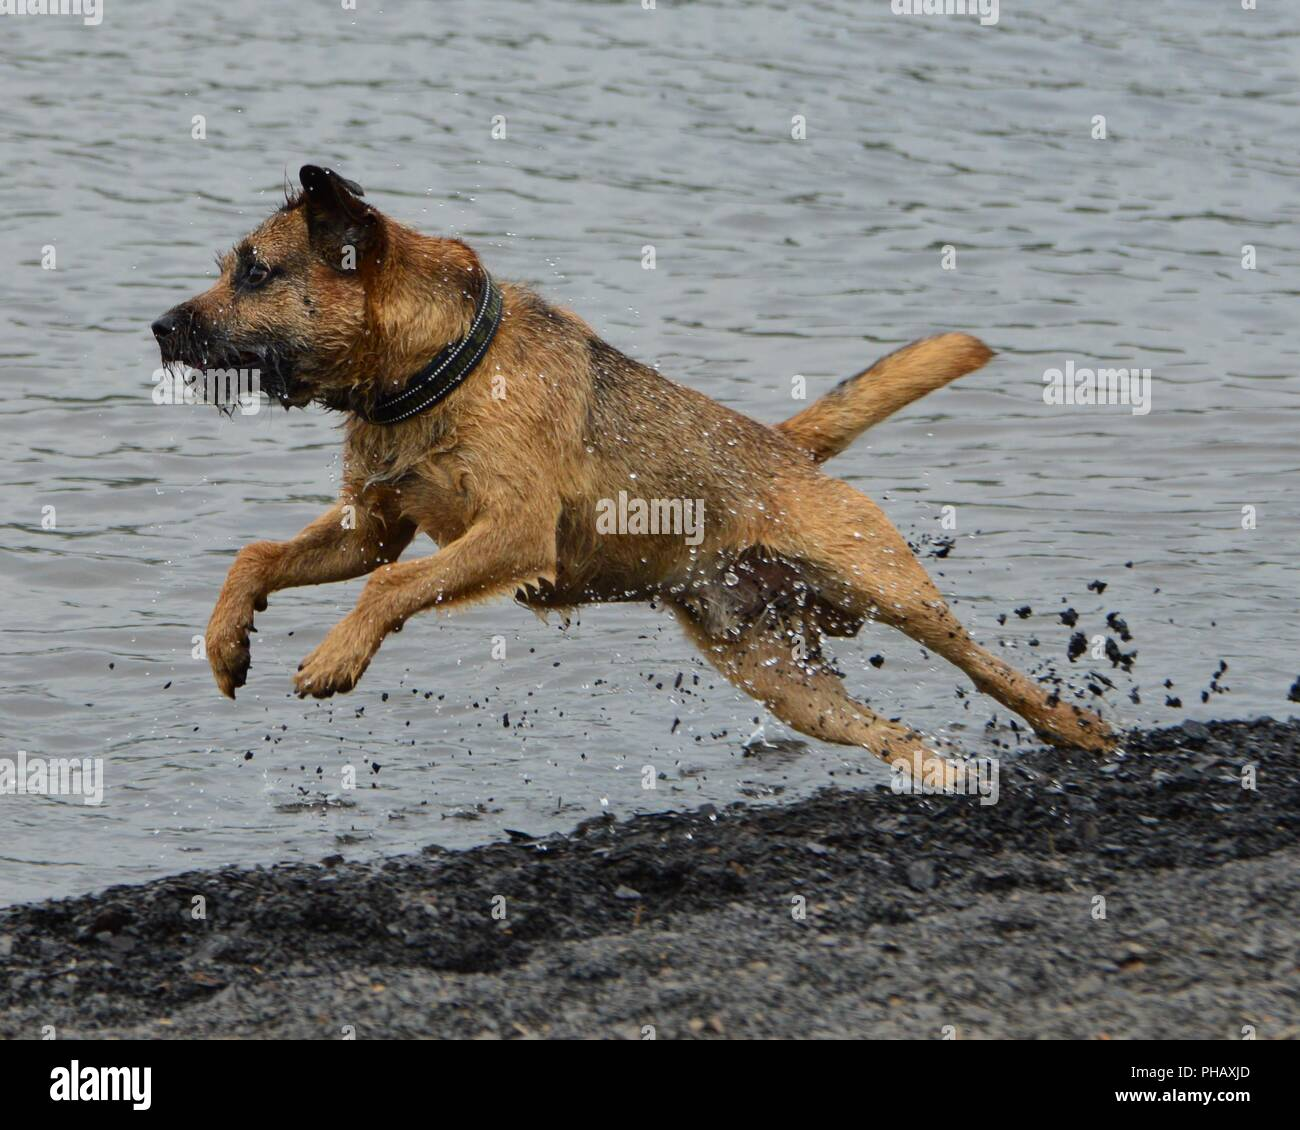 Dog chasing stones - Stock Image